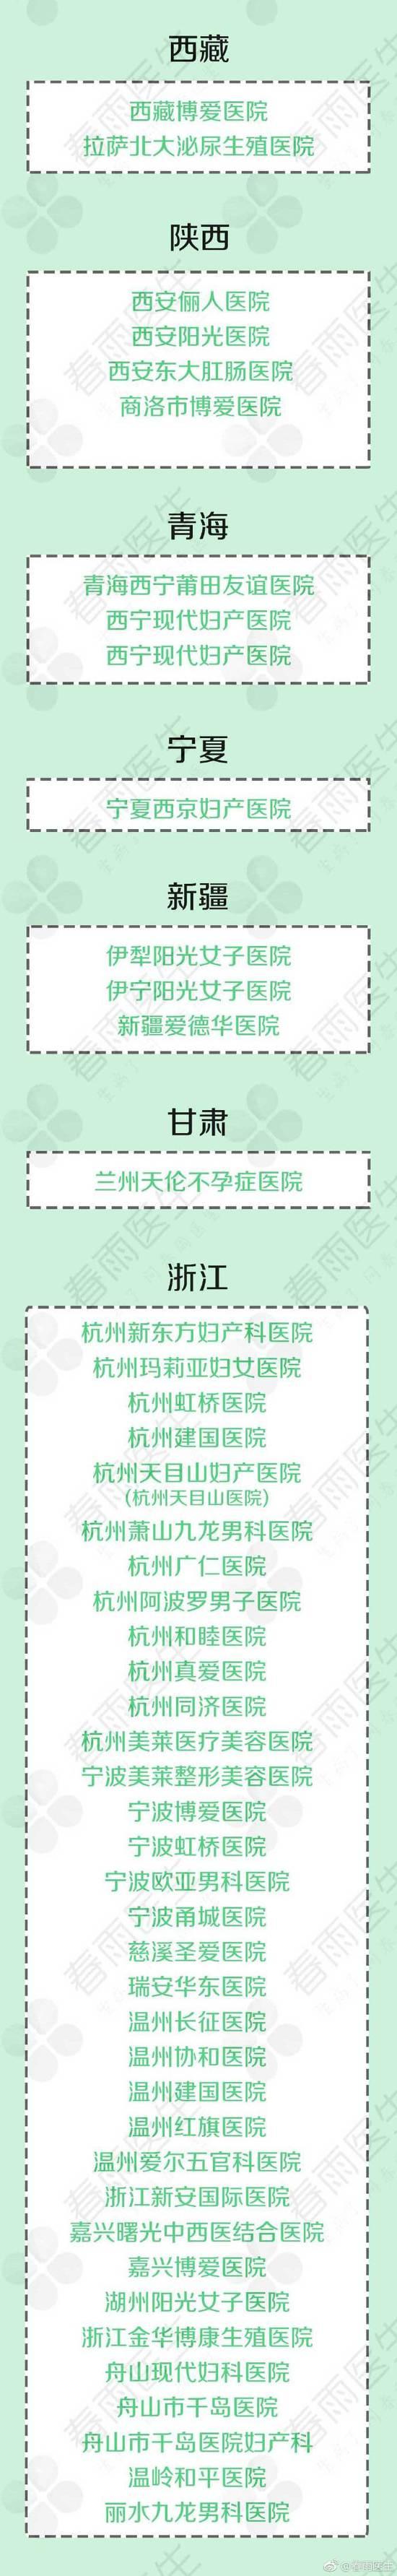 春雨医生官宣莆田系医院名单北京24家上榜